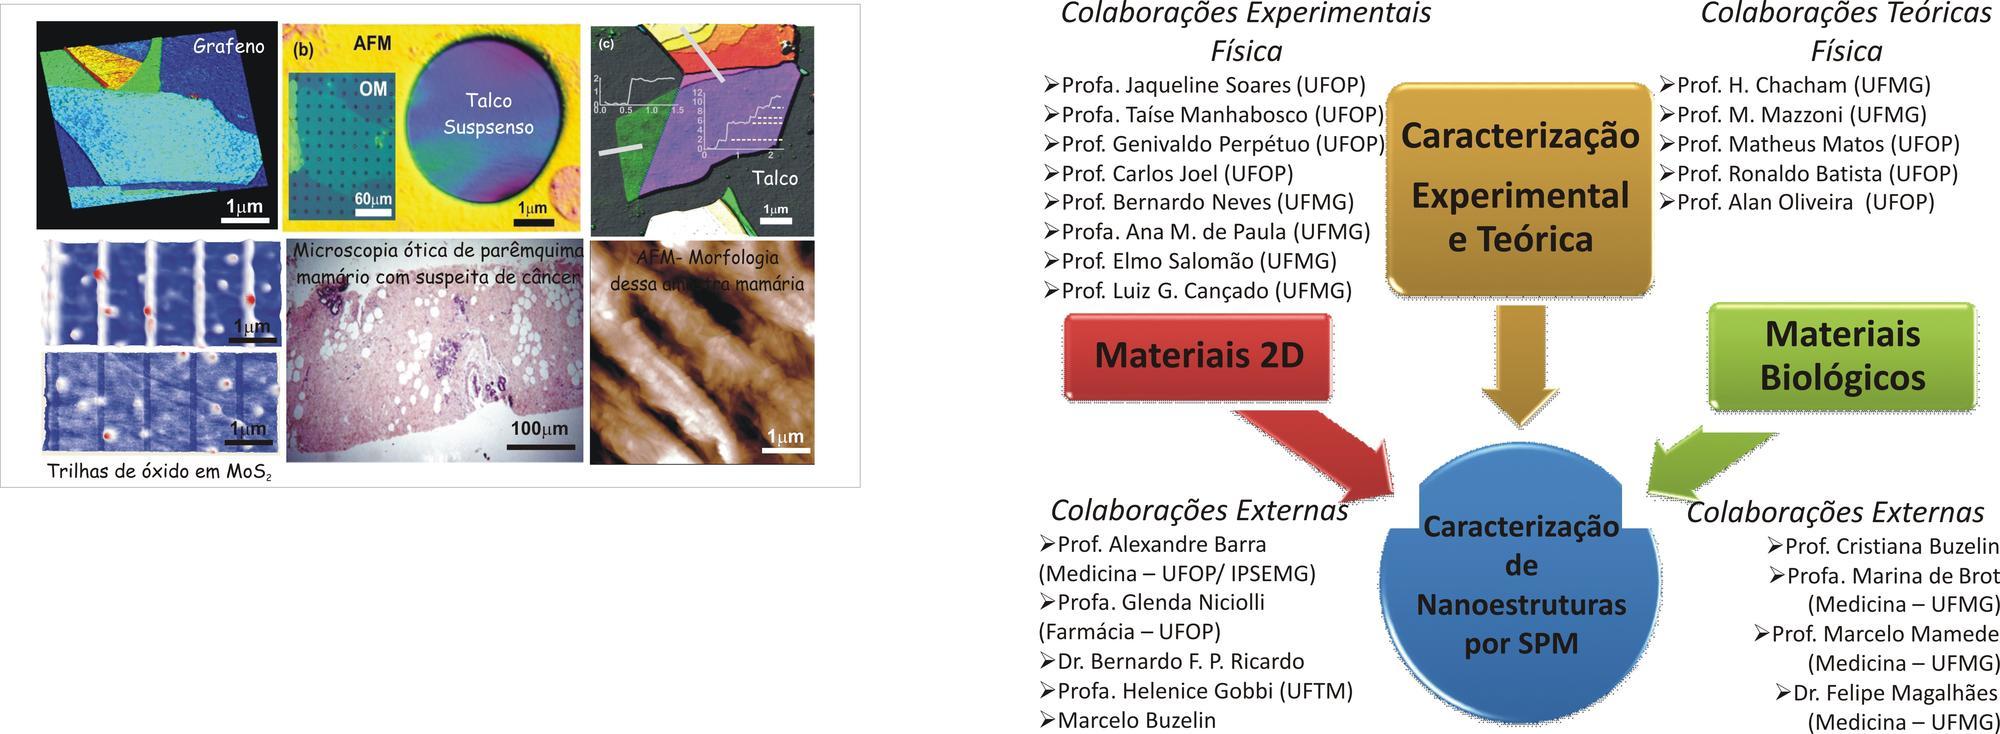 Algumas imagens associadas com os projetos anteriormente citados e as colaborações já estabelecidas